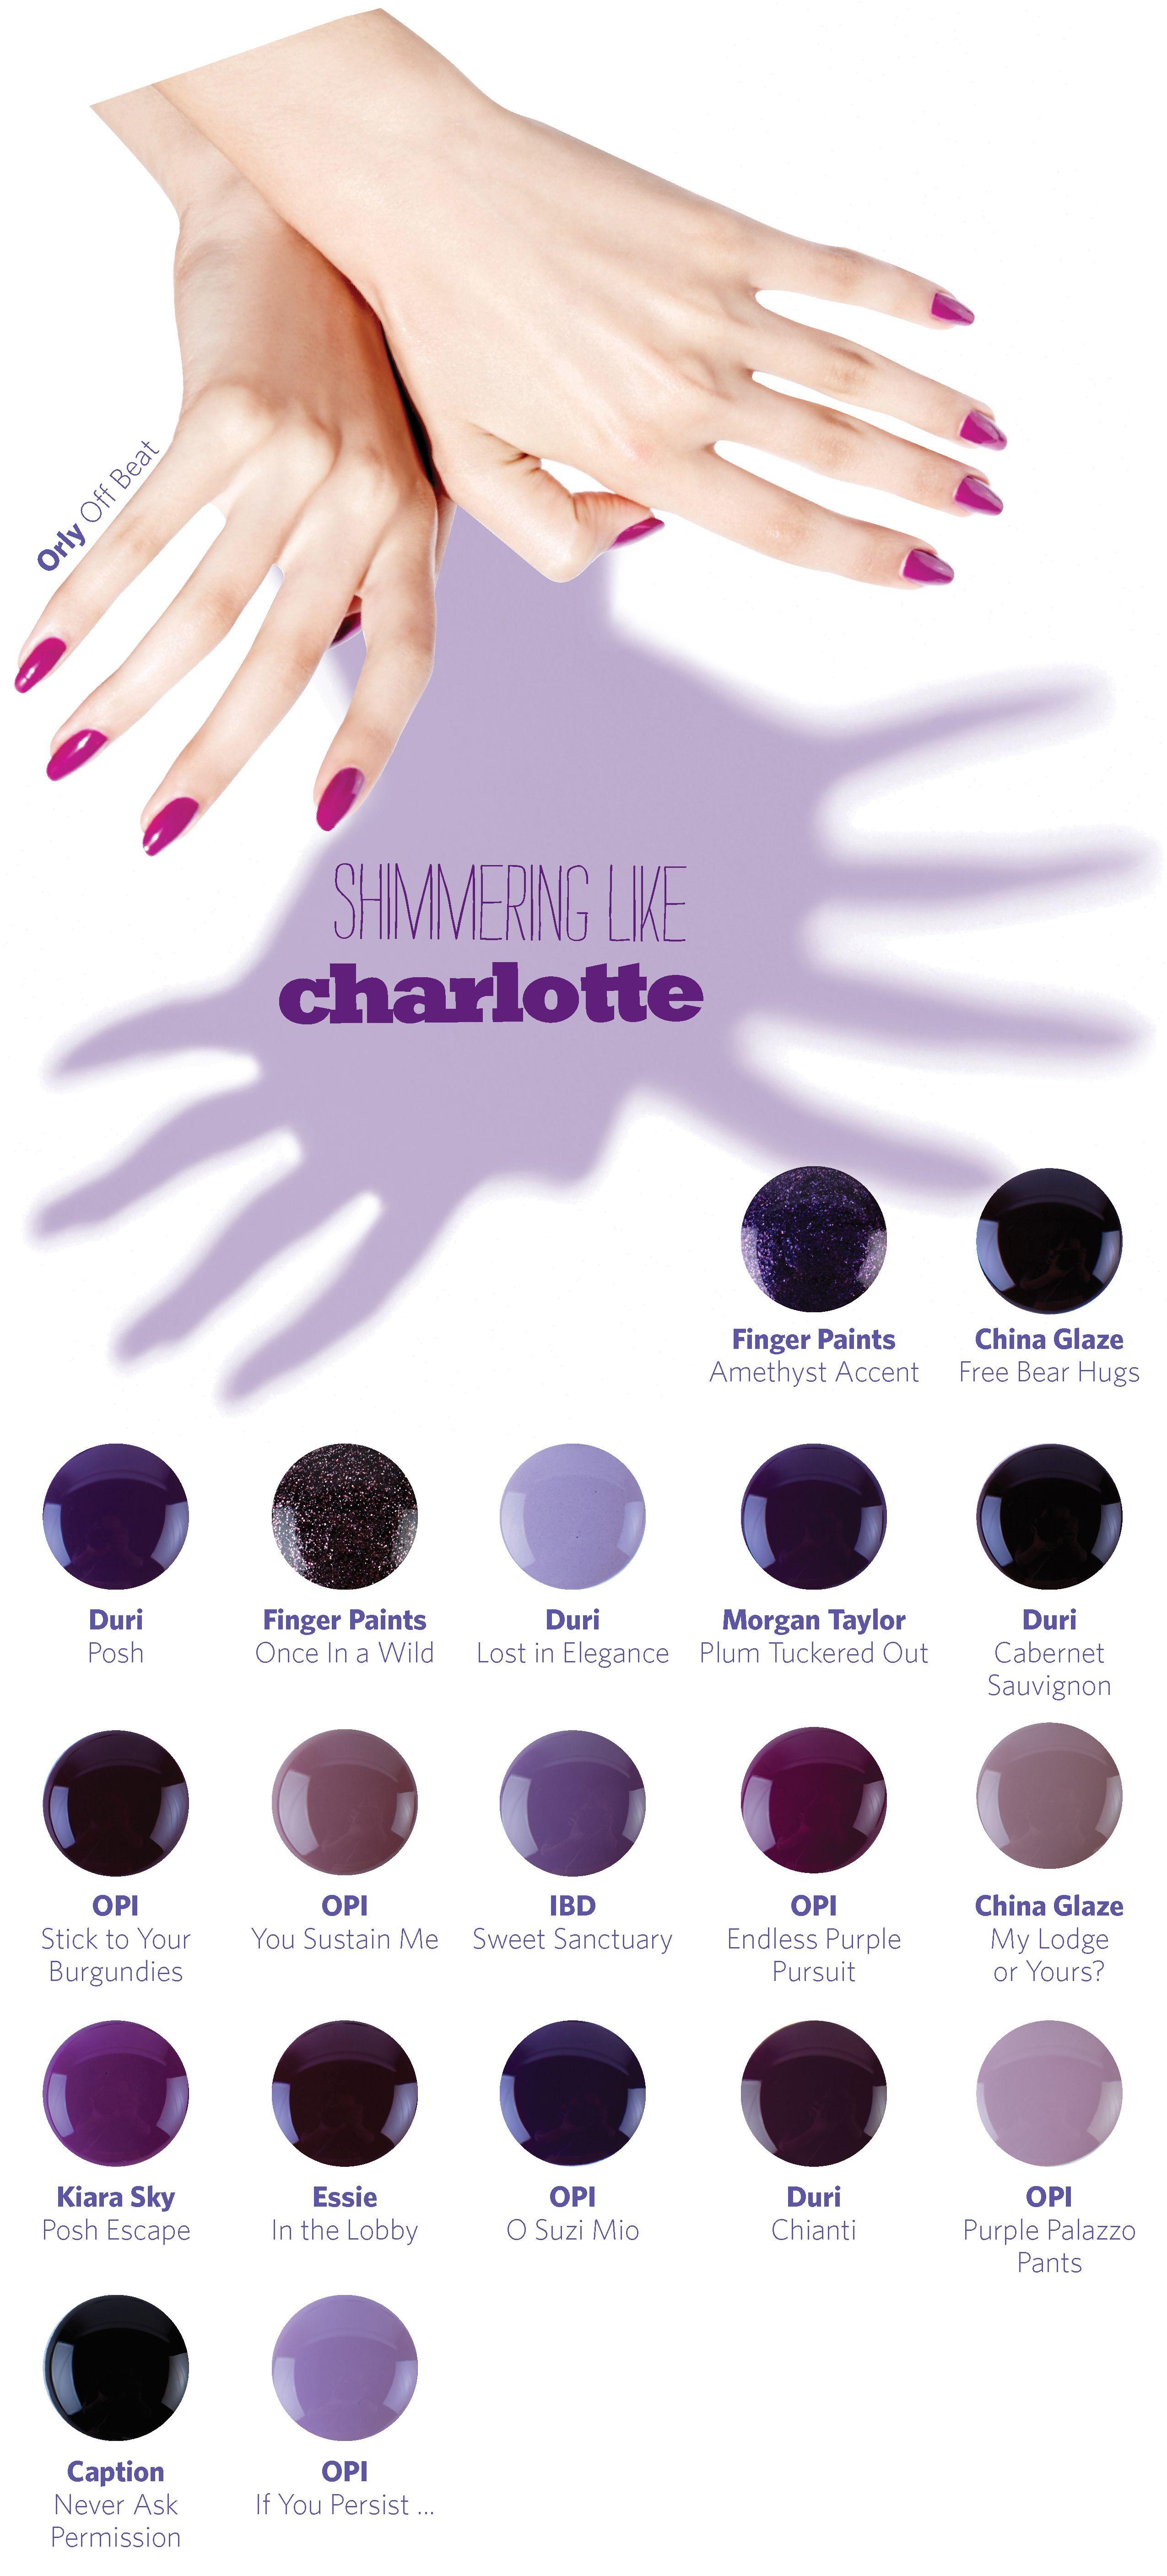 Fall 2015 Polish Preview: Shadows & Shades | Pinterest | Style nails ...